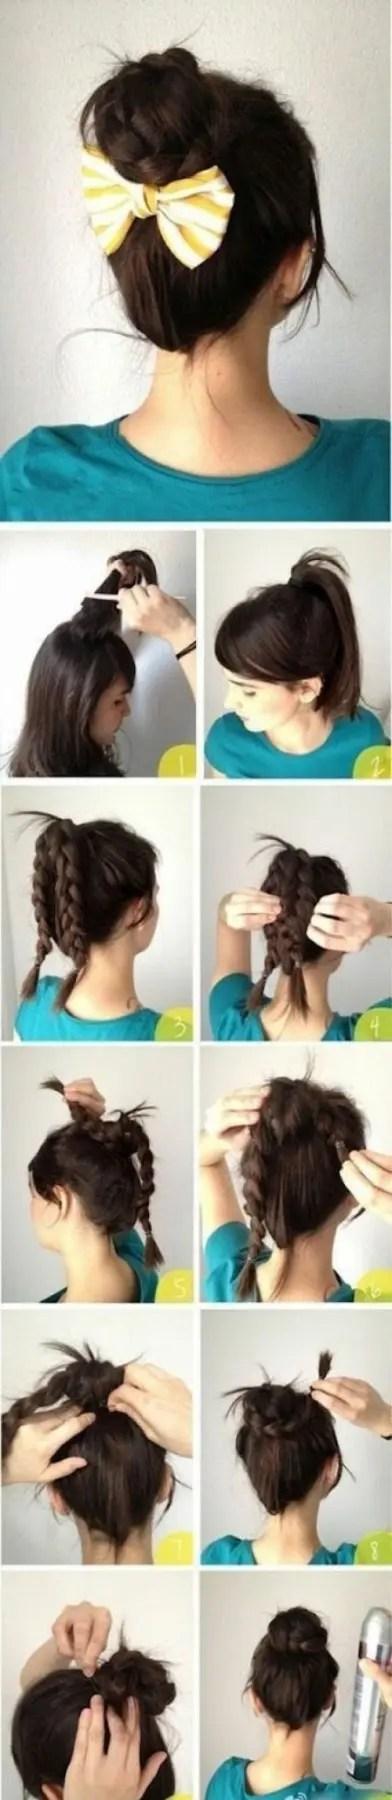 peinados-faciles-rapidos-11